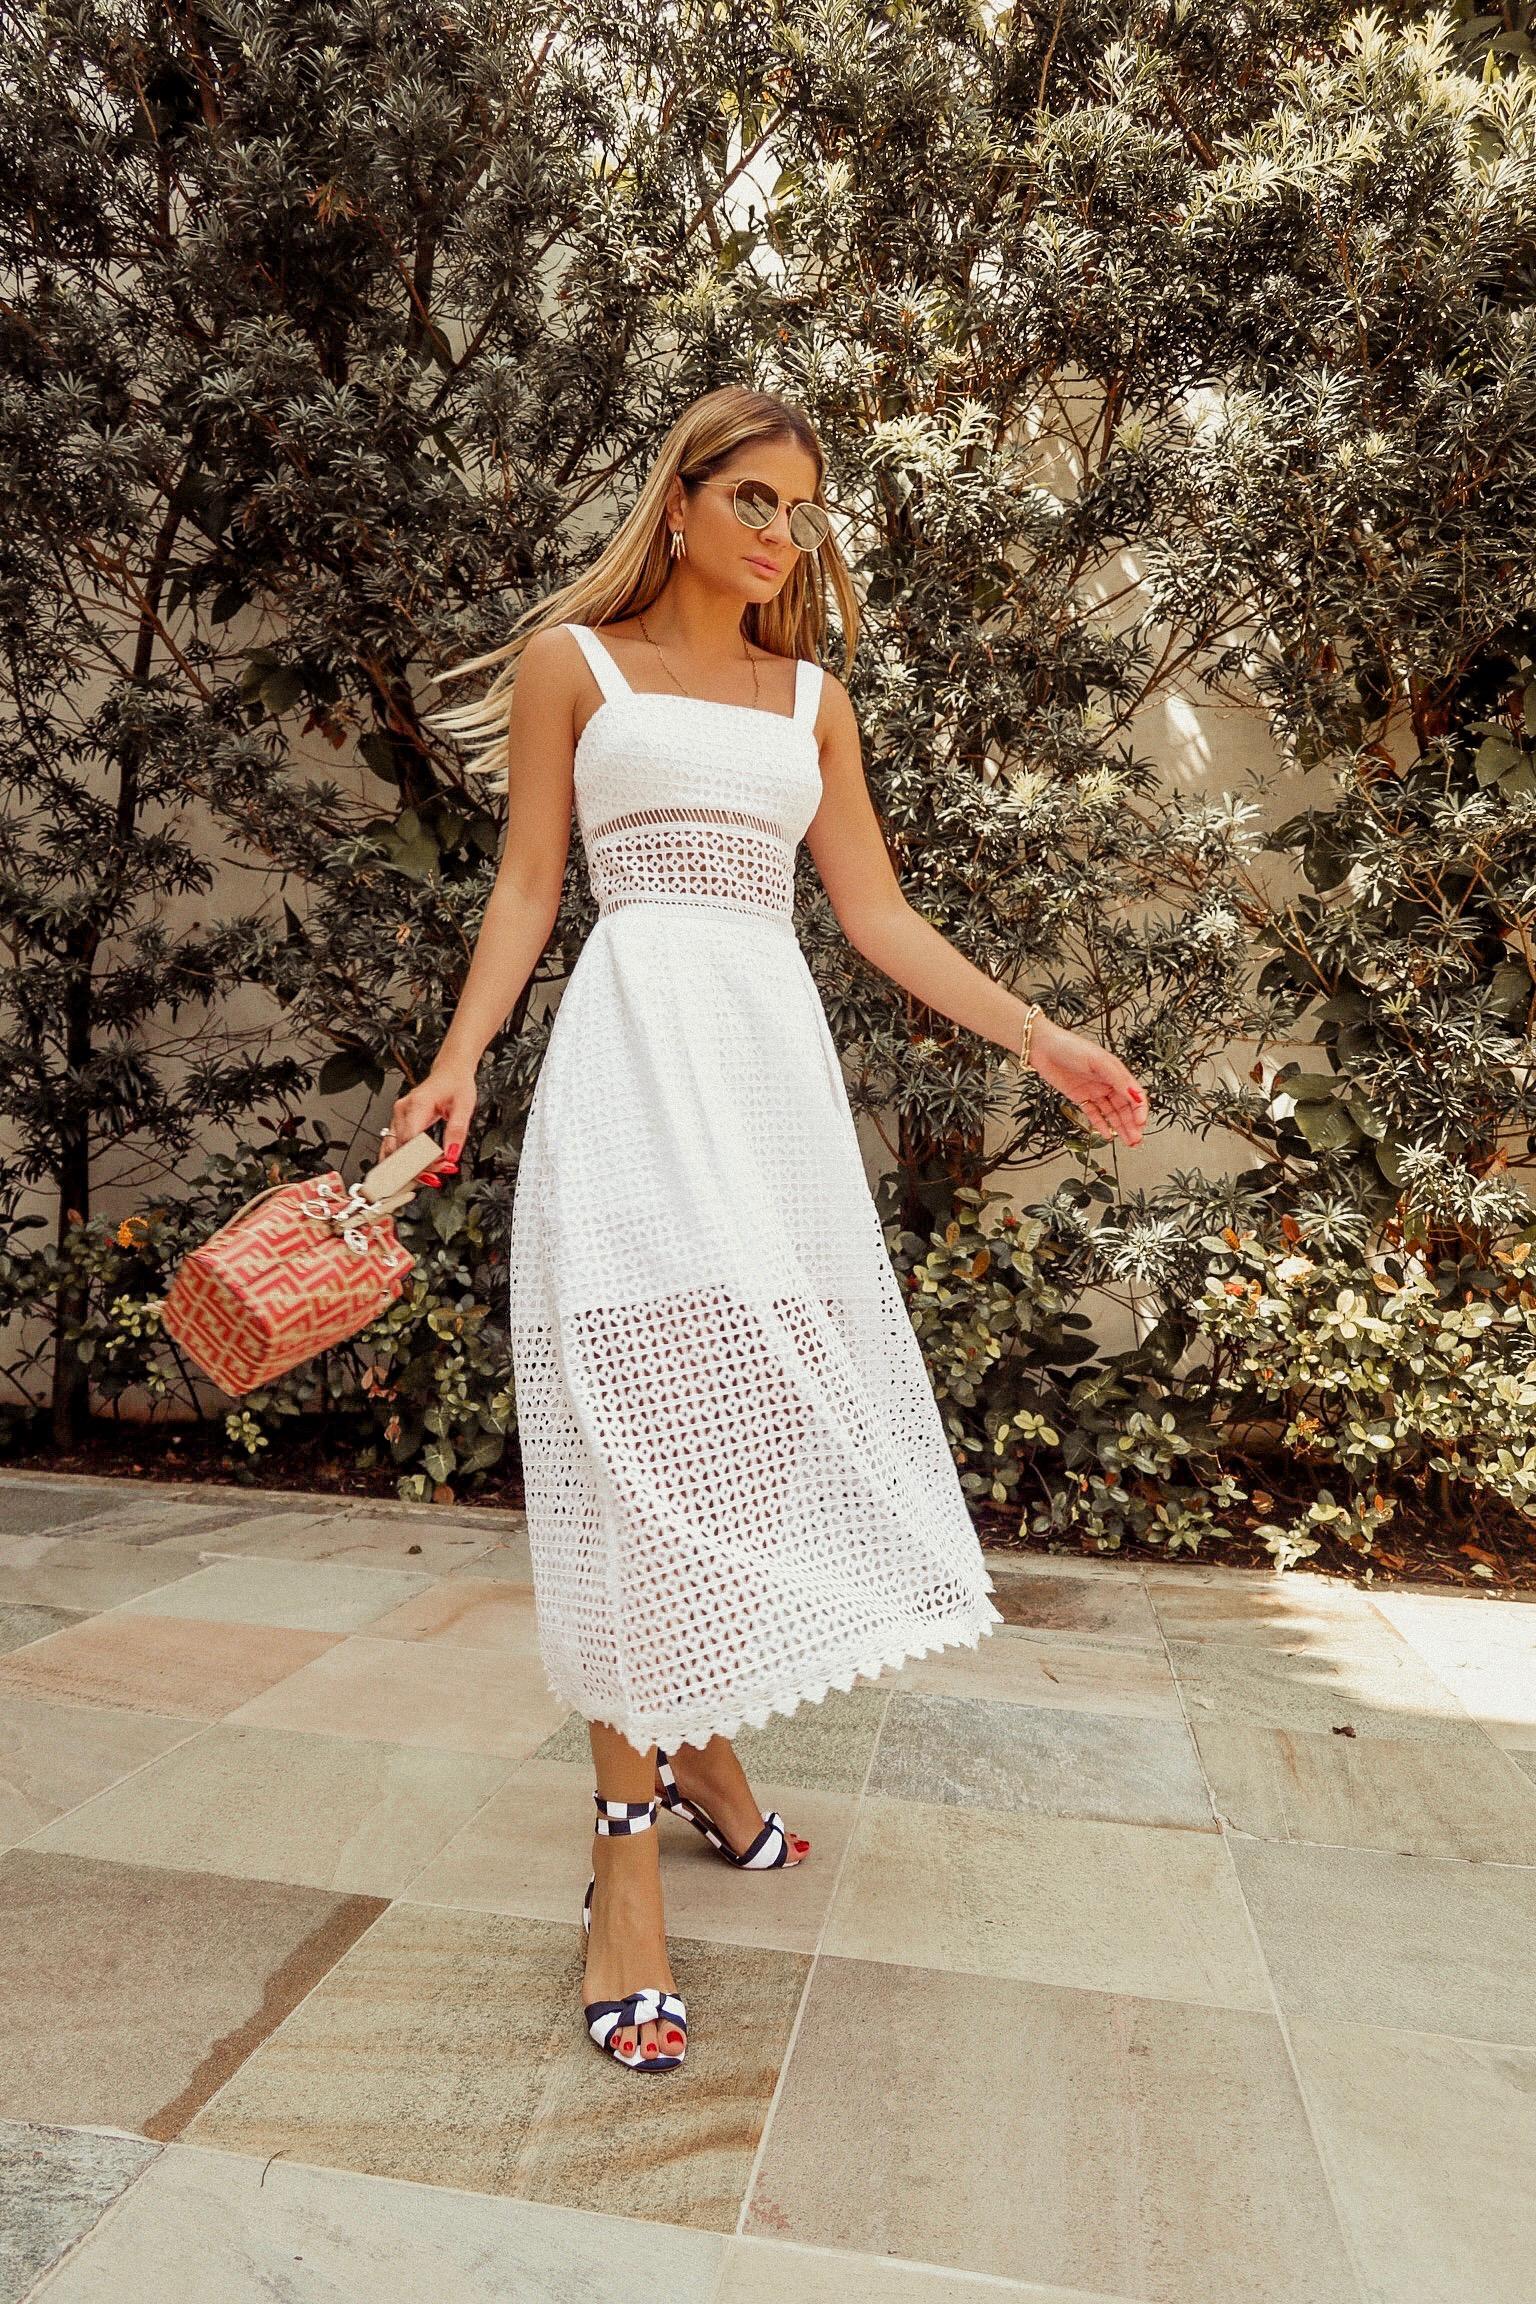 fbd104d6c Thássia vestido midi branco agilita 5 Thássia vestido midi branco agilita  ...